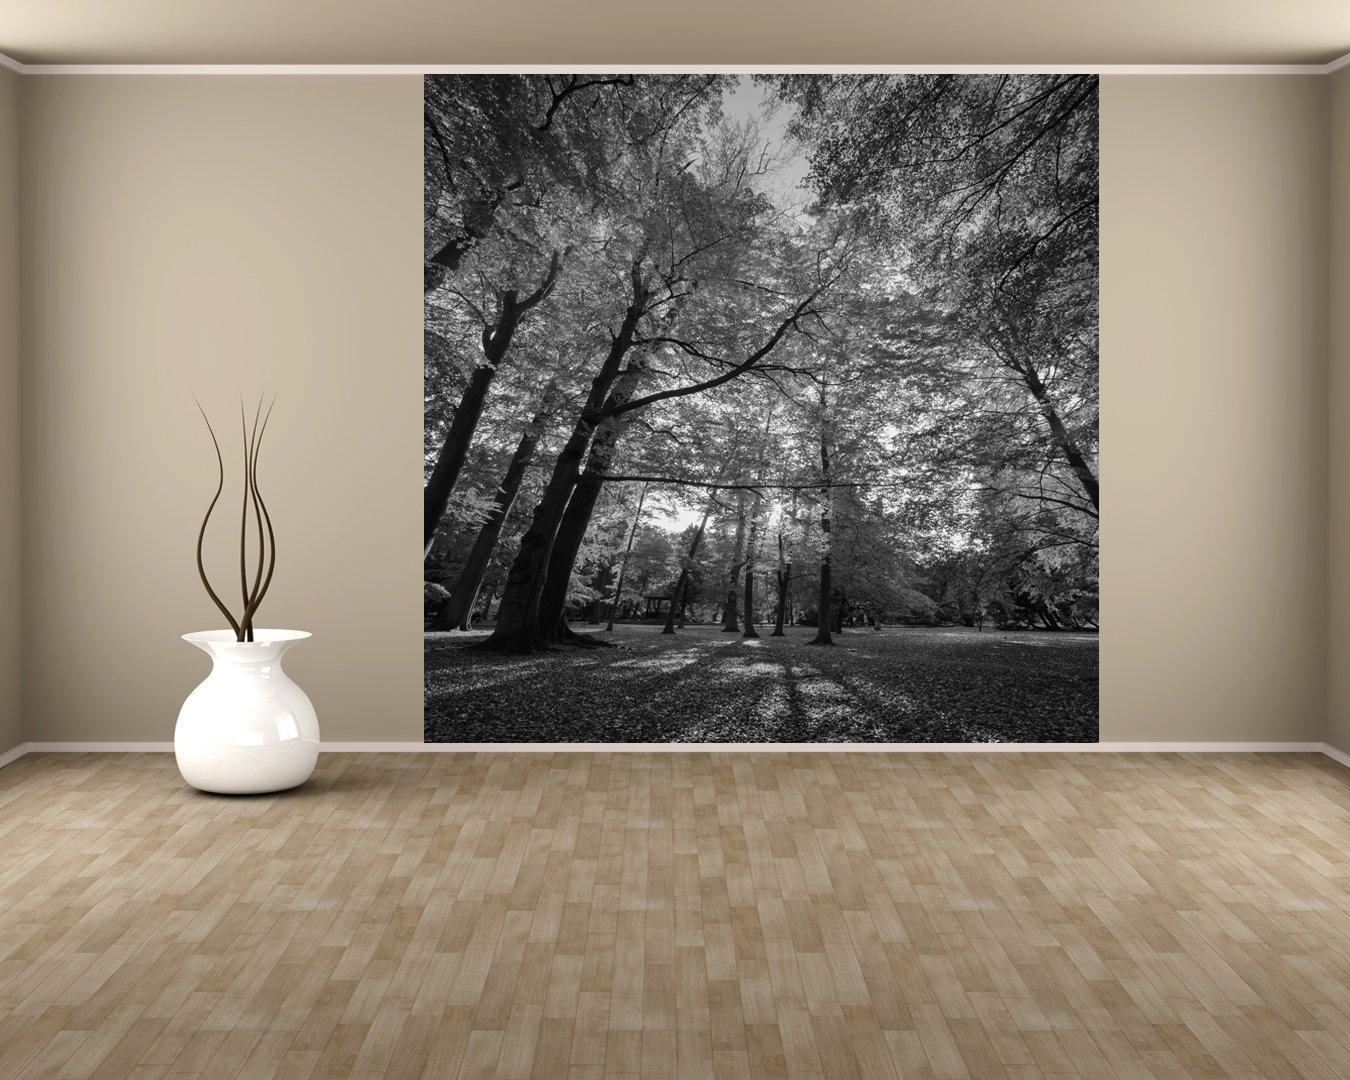 Bilderdepot24 selbstklebende Fototapete Blätterfall im Herbst  schwarz weiss 270x270 cm  direkt vom Hersteller   Kundenberichte und weitere Informationen